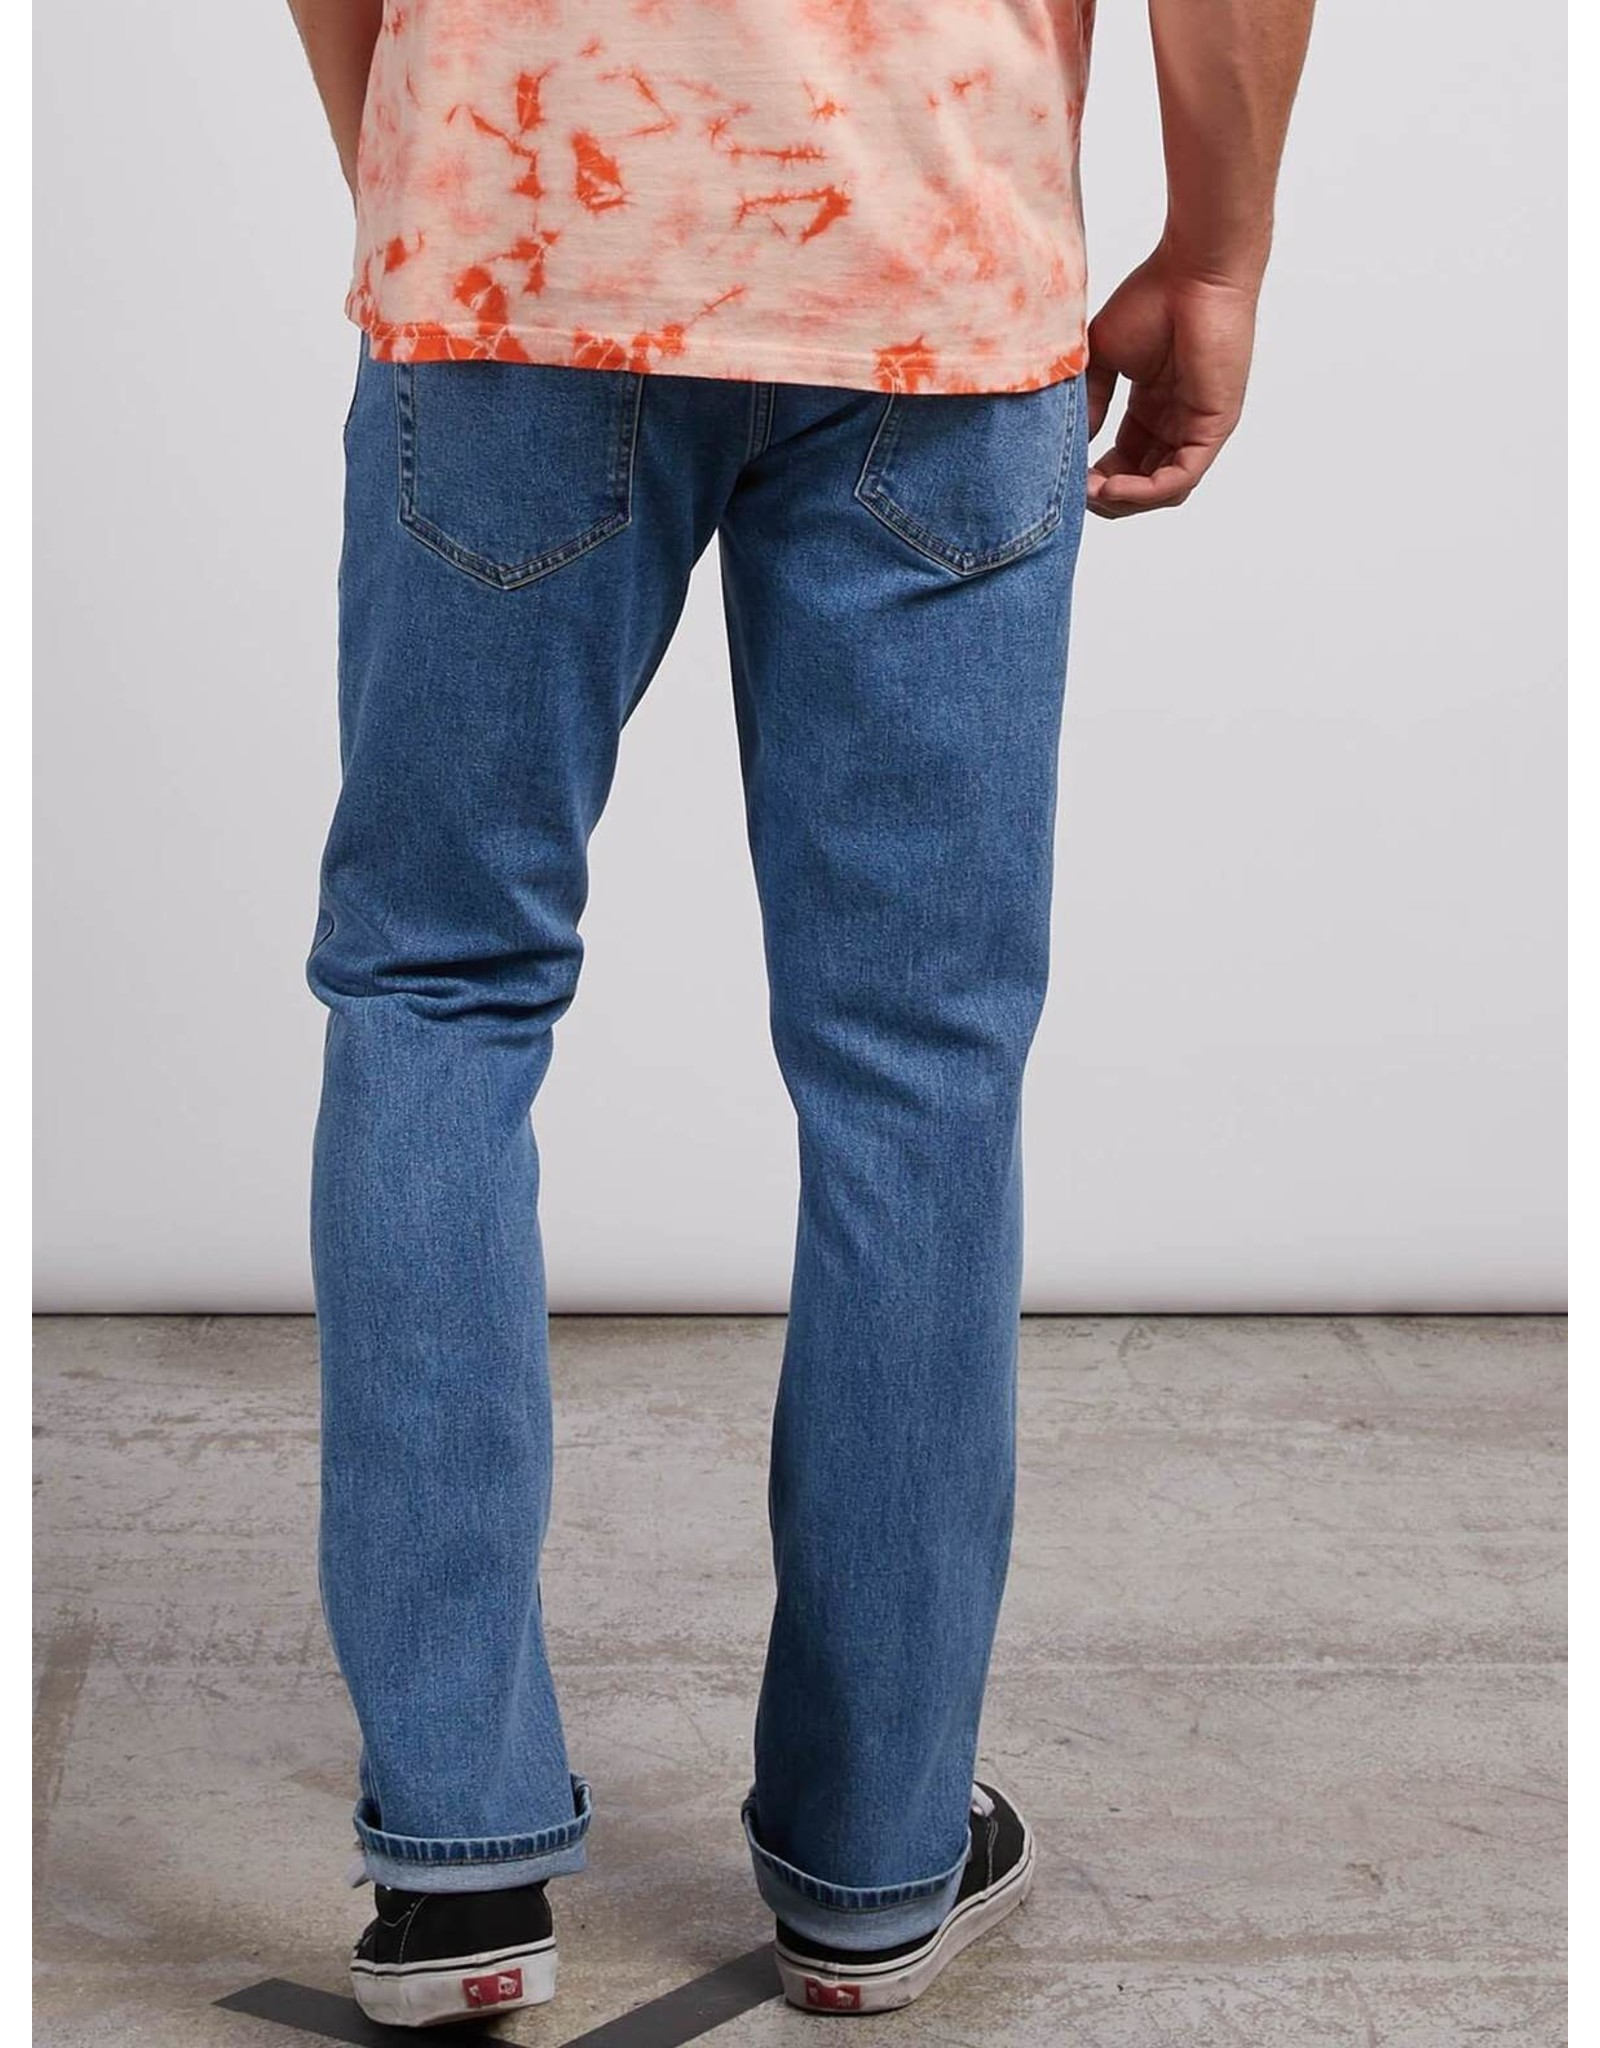 volcom Volcom - jeans vorta/15 COS/BKB/SNB